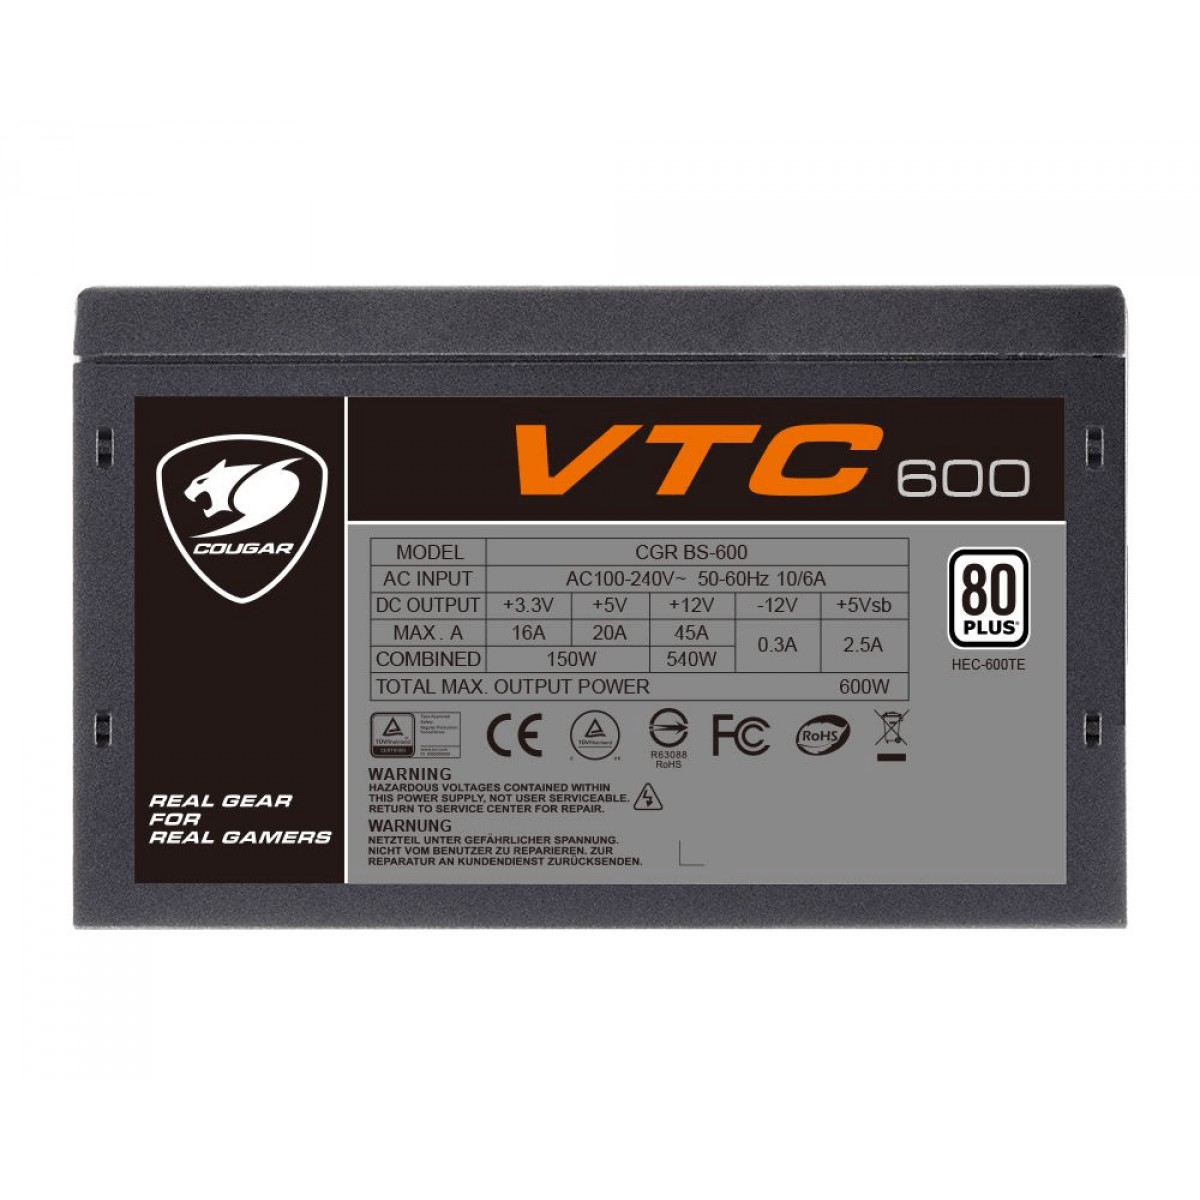 Fonte Cougar VTC 600, 80 Plus 600W, PFC Ativo, 31VC060004P01